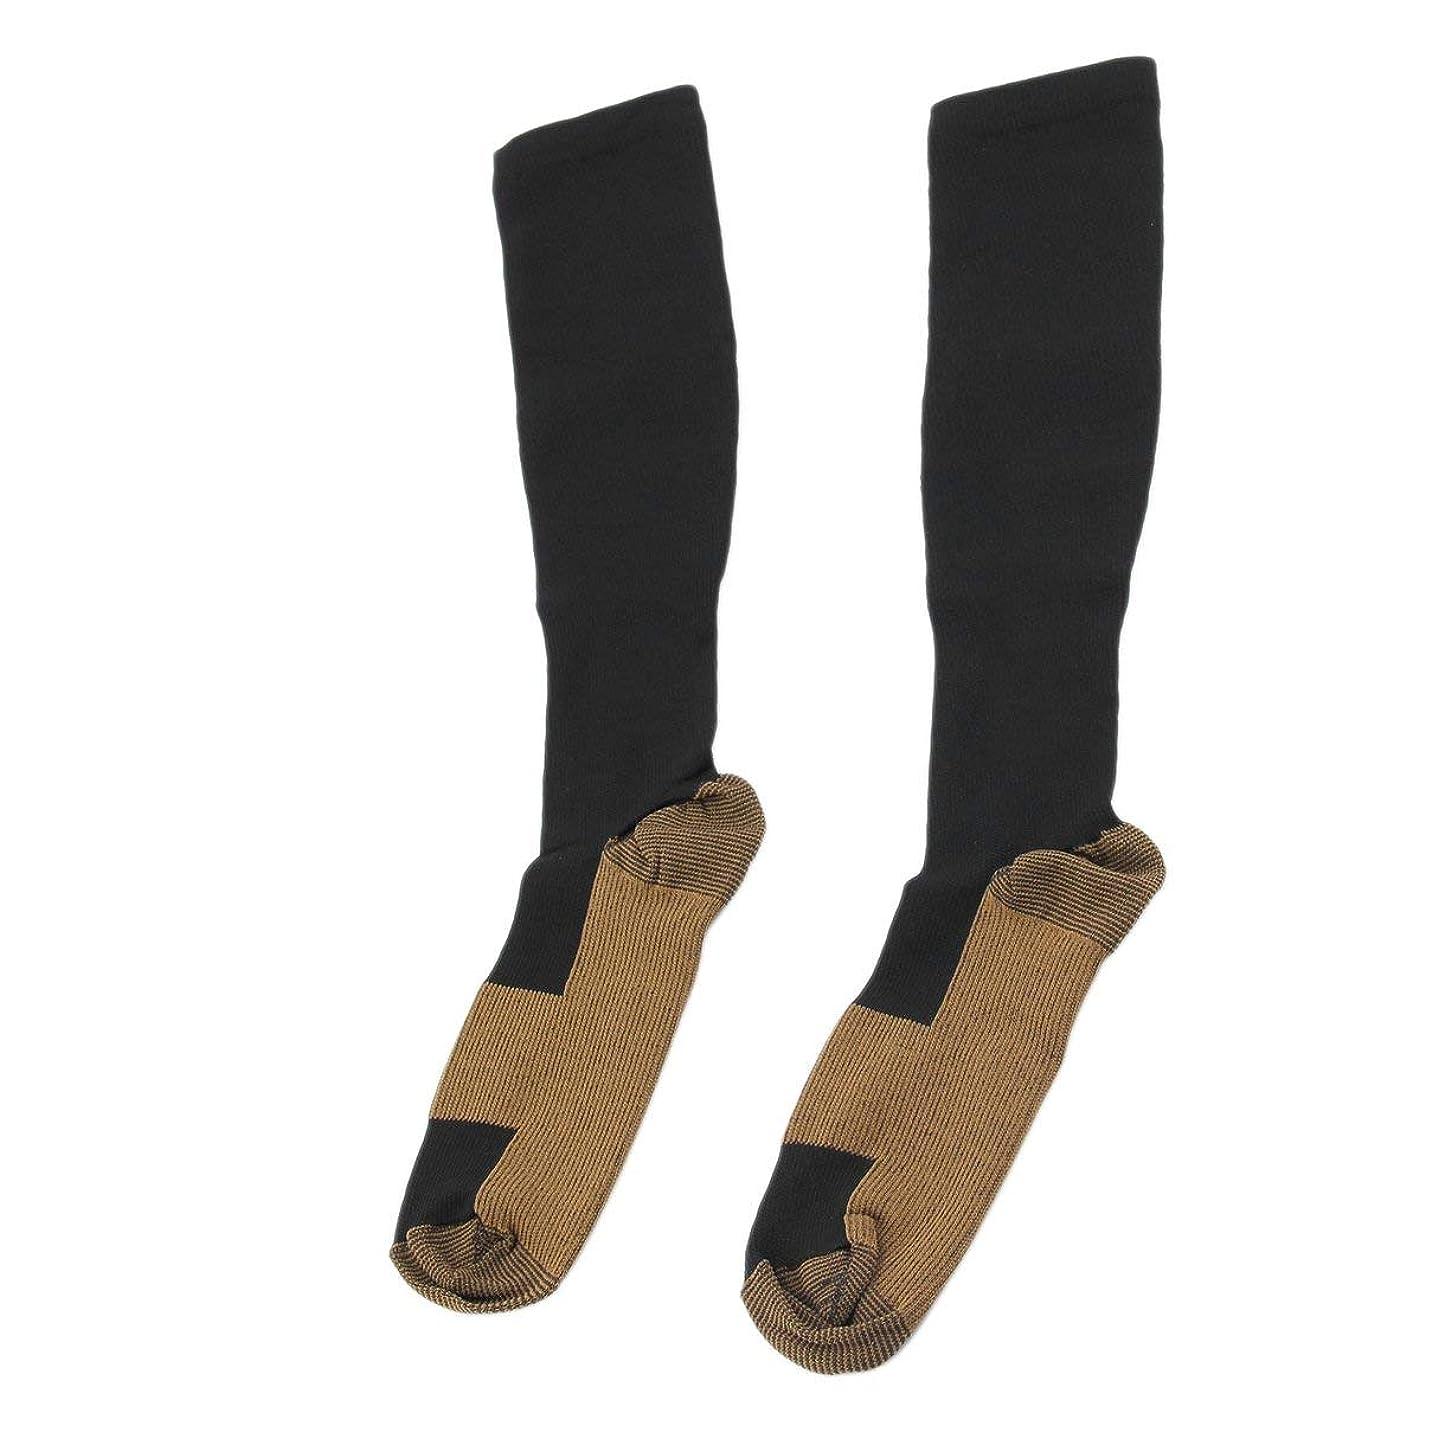 花嫁薬理学割るファッショナブルな快適な救済ソフト男性女性抗疲労圧縮靴下抗疲労静脈瘤ソックス - ブラックL